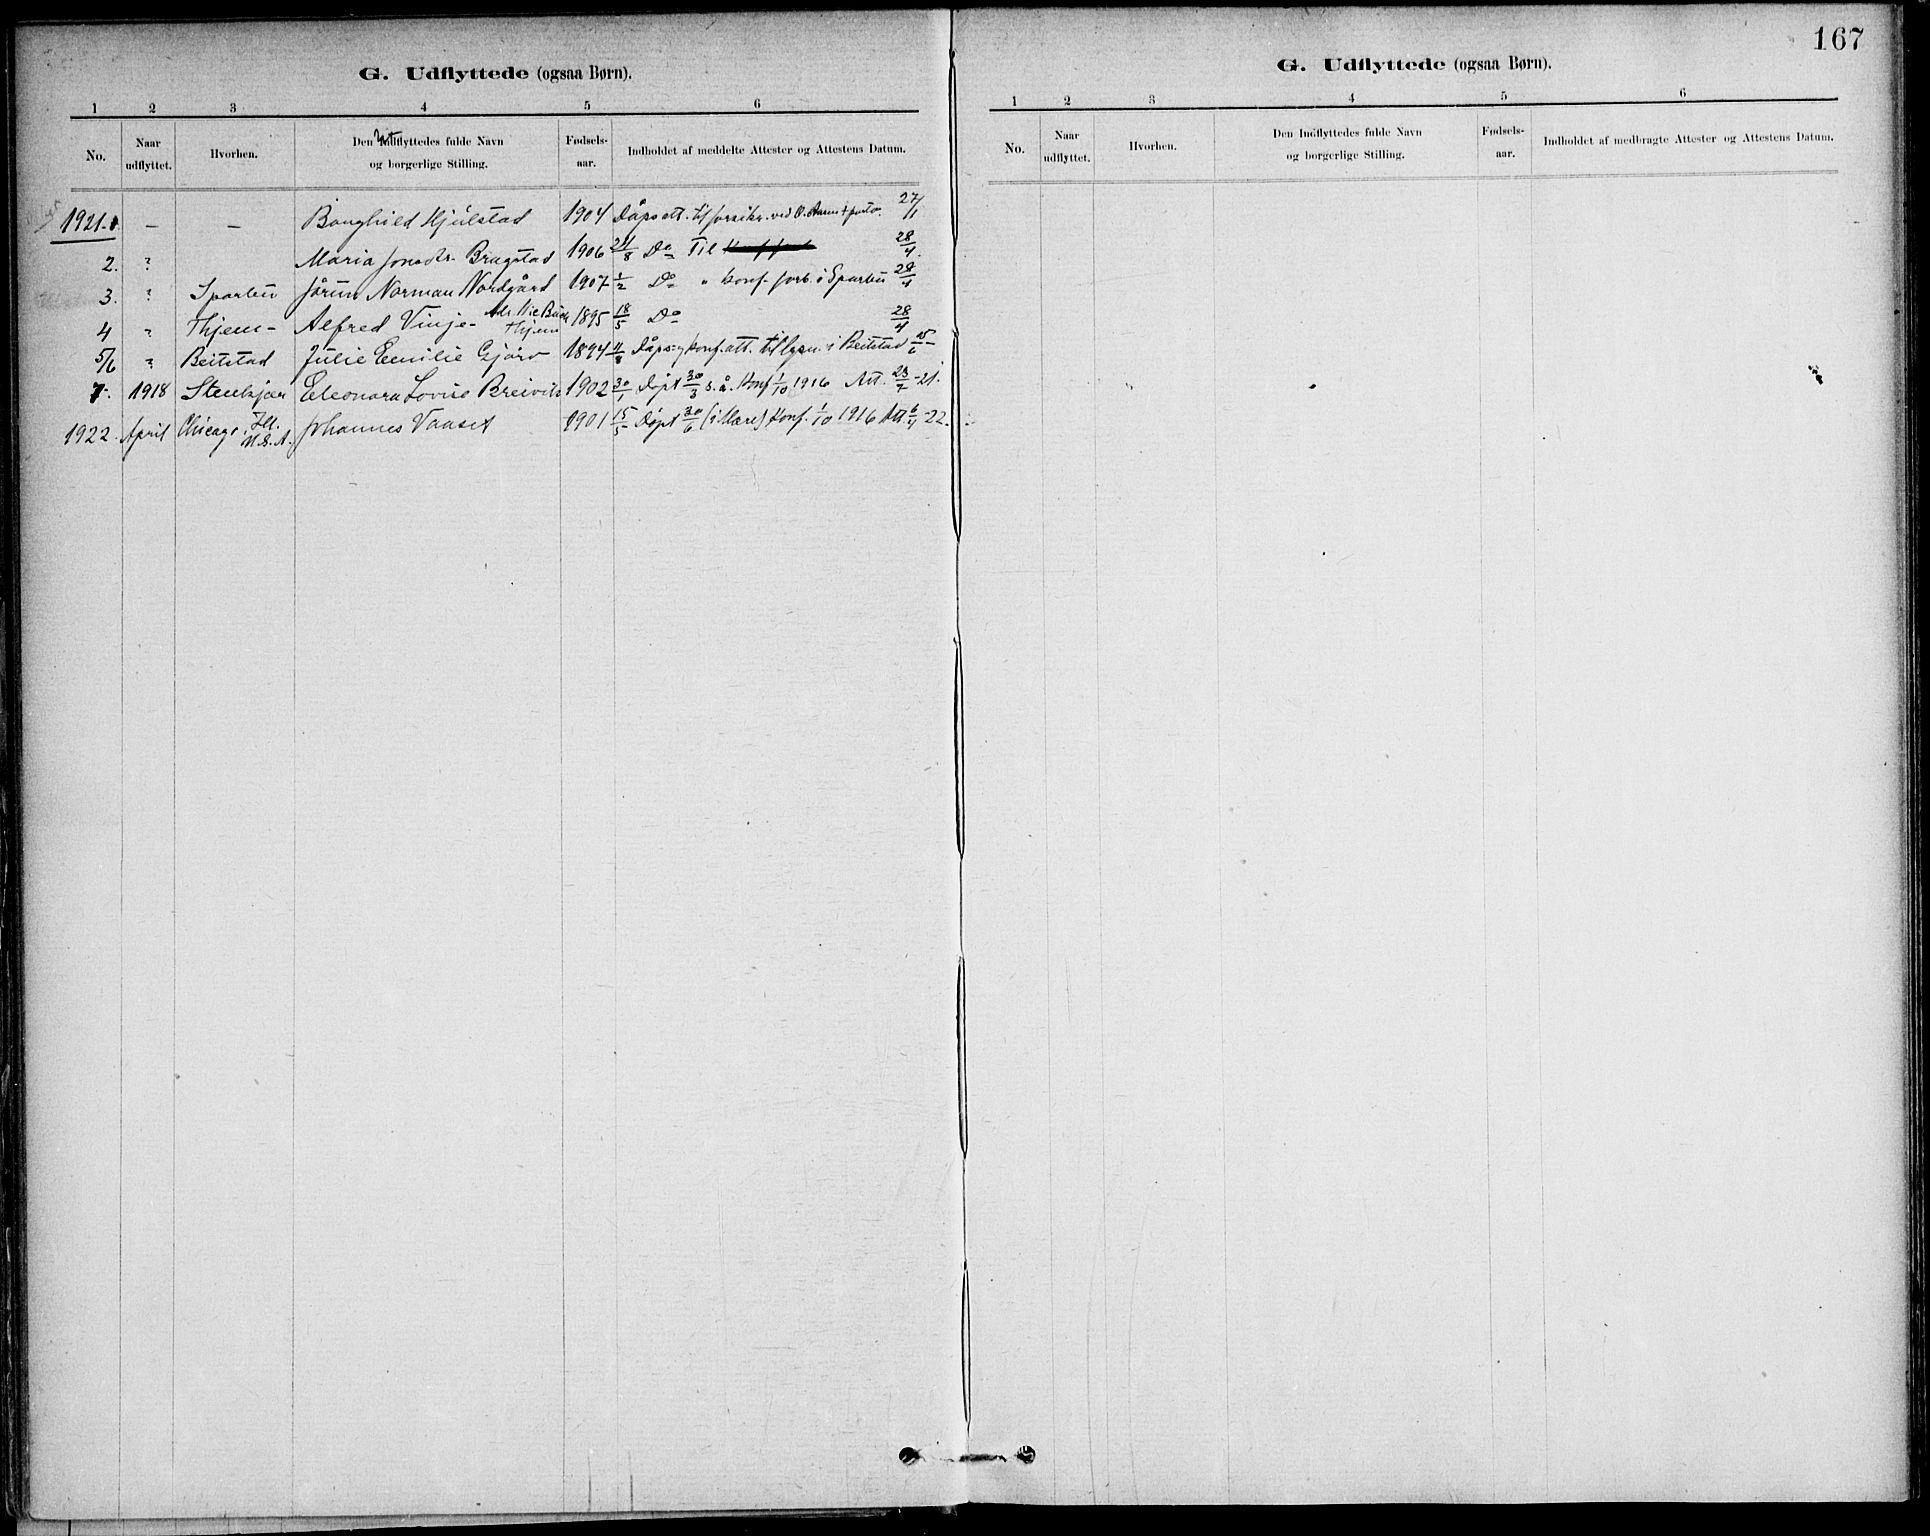 SAT, Ministerialprotokoller, klokkerbøker og fødselsregistre - Nord-Trøndelag, 732/L0316: Ministerialbok nr. 732A01, 1879-1921, s. 167